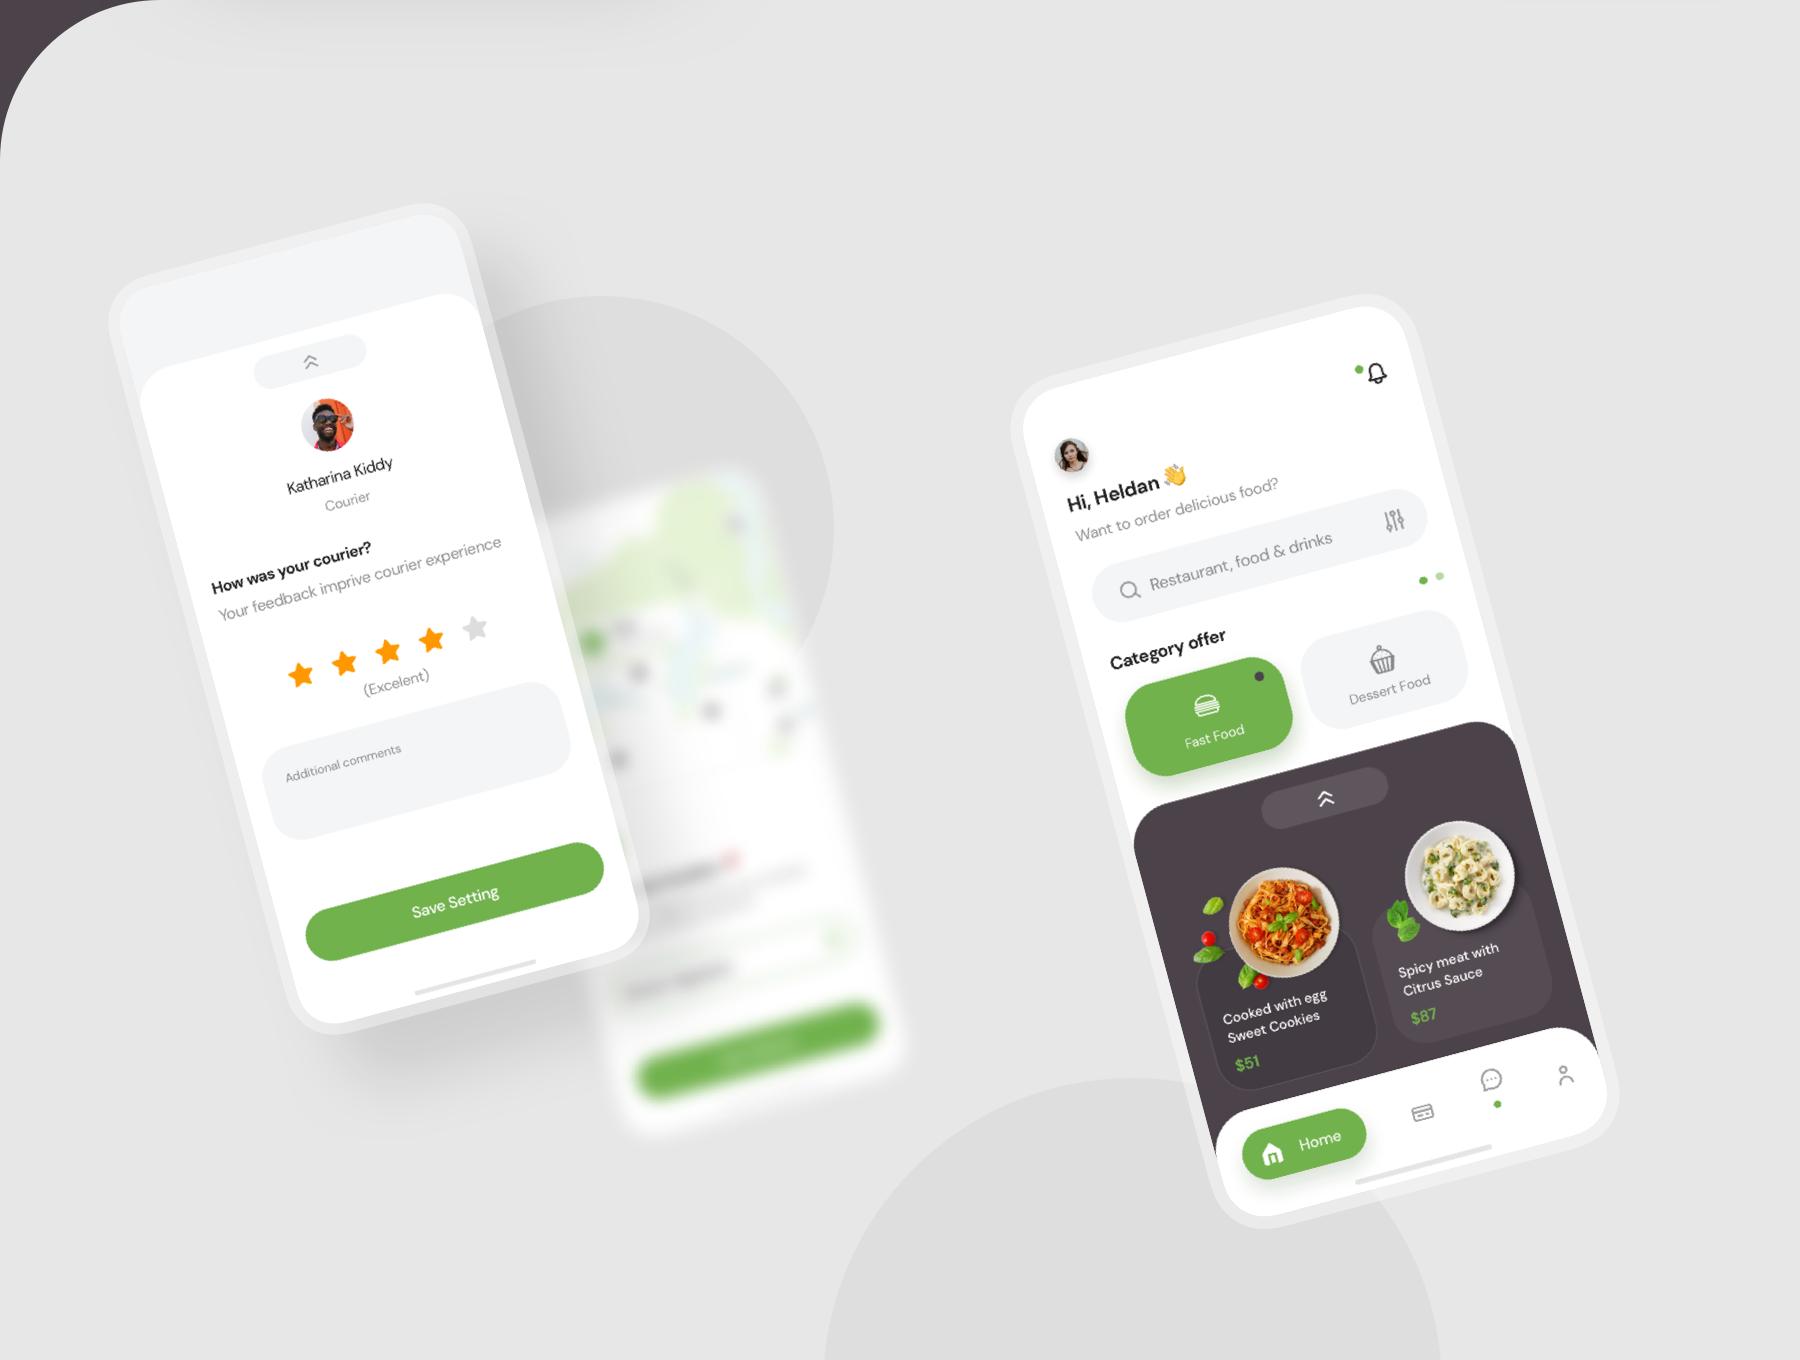 دانلود UI Kit اپلیکیشن موبایل Poris